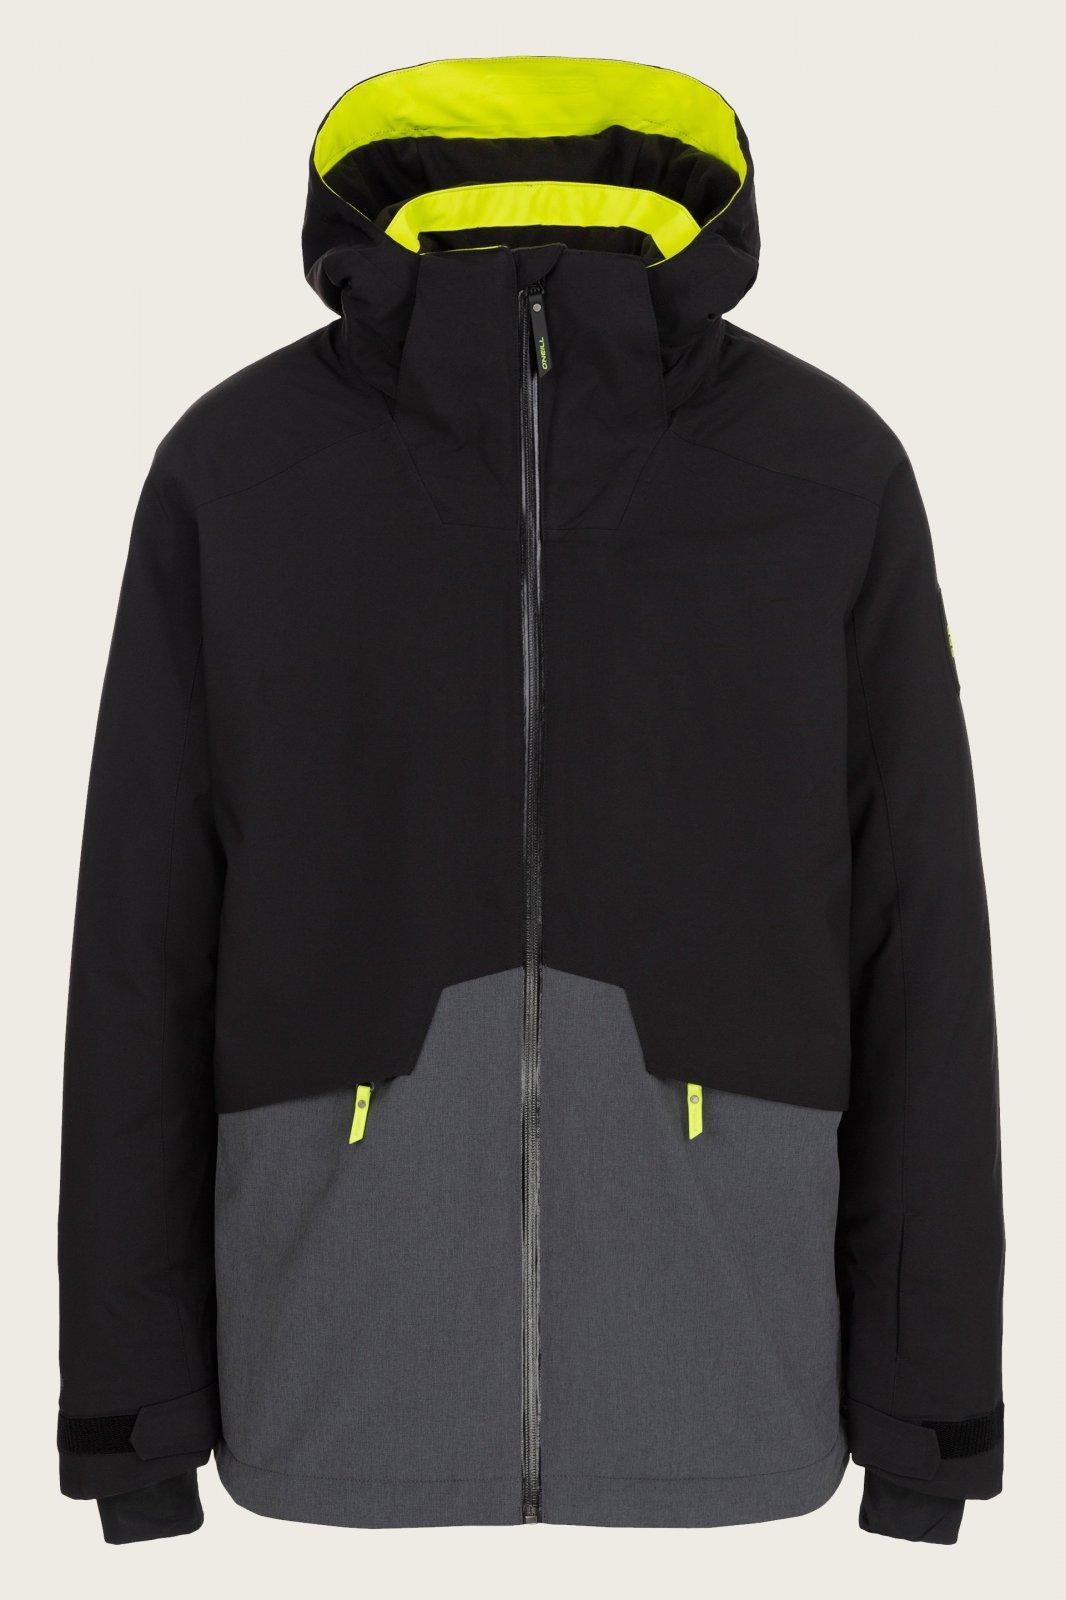 O'Neill Quartzite Jacket